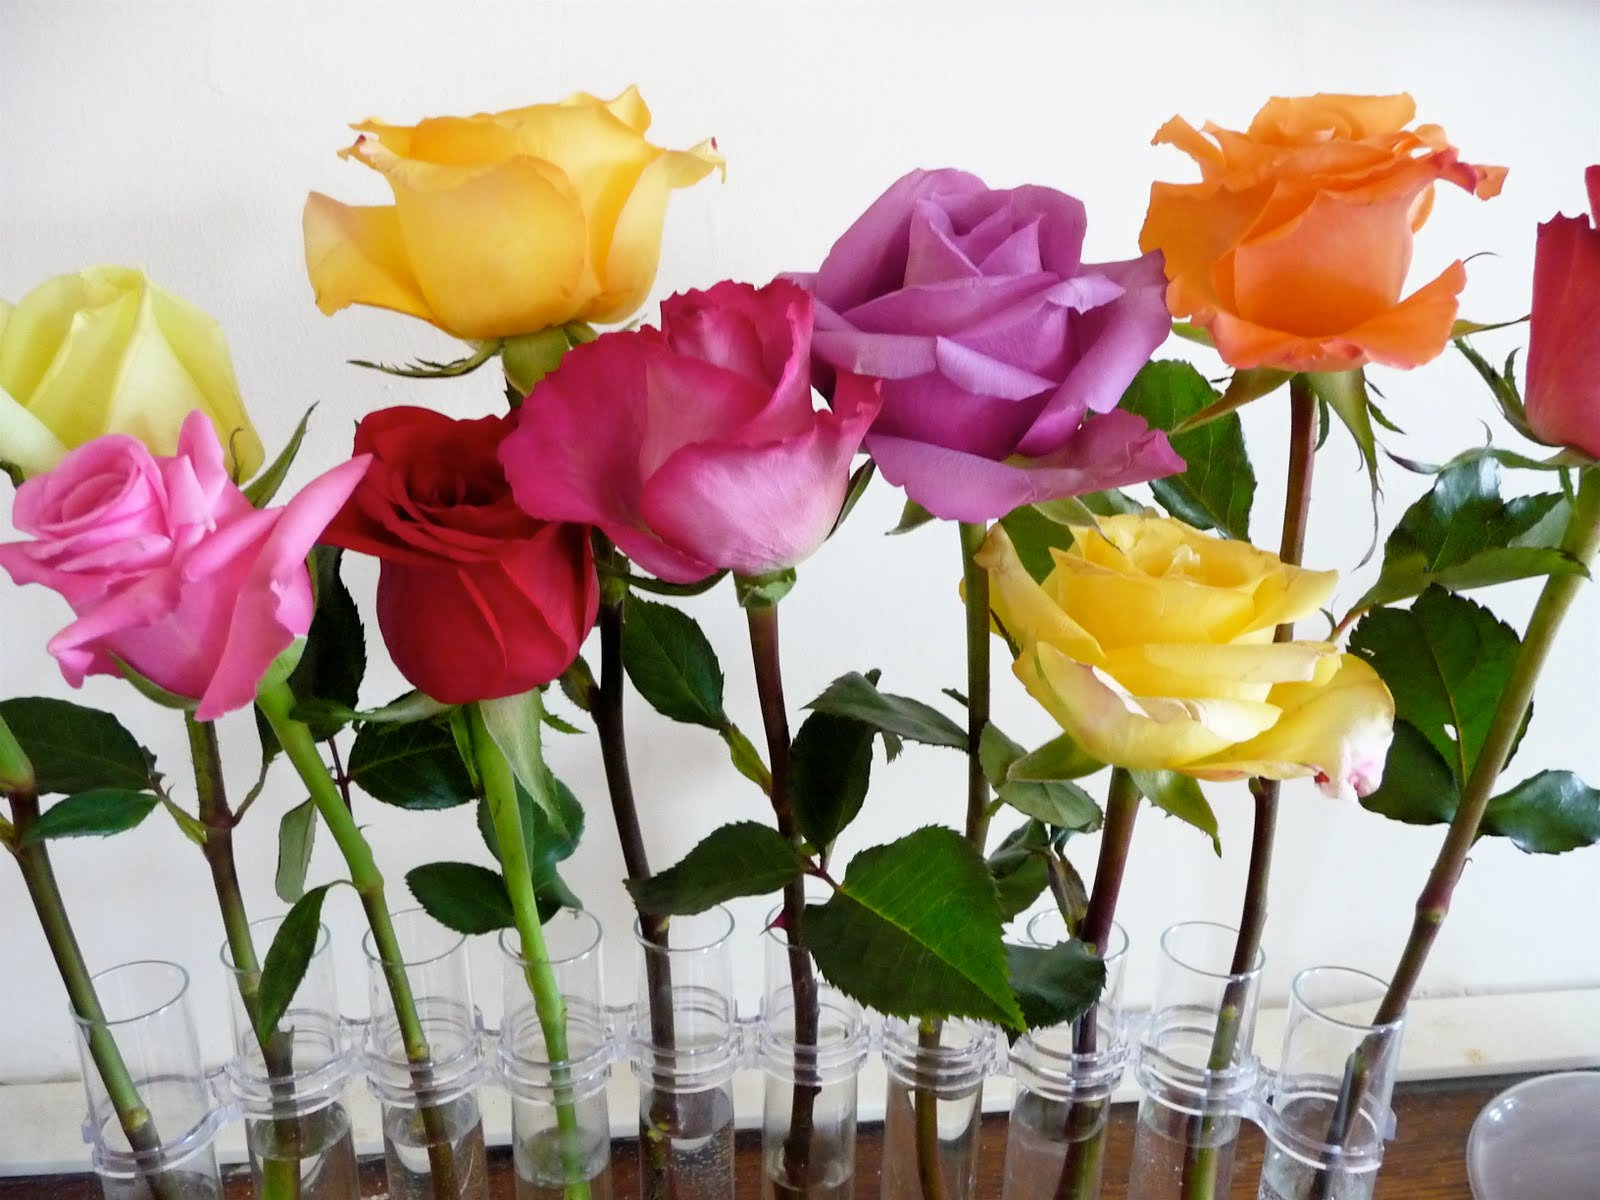 Dinner party an indoor flower garden wednesday april 7 2010 workwithnaturefo